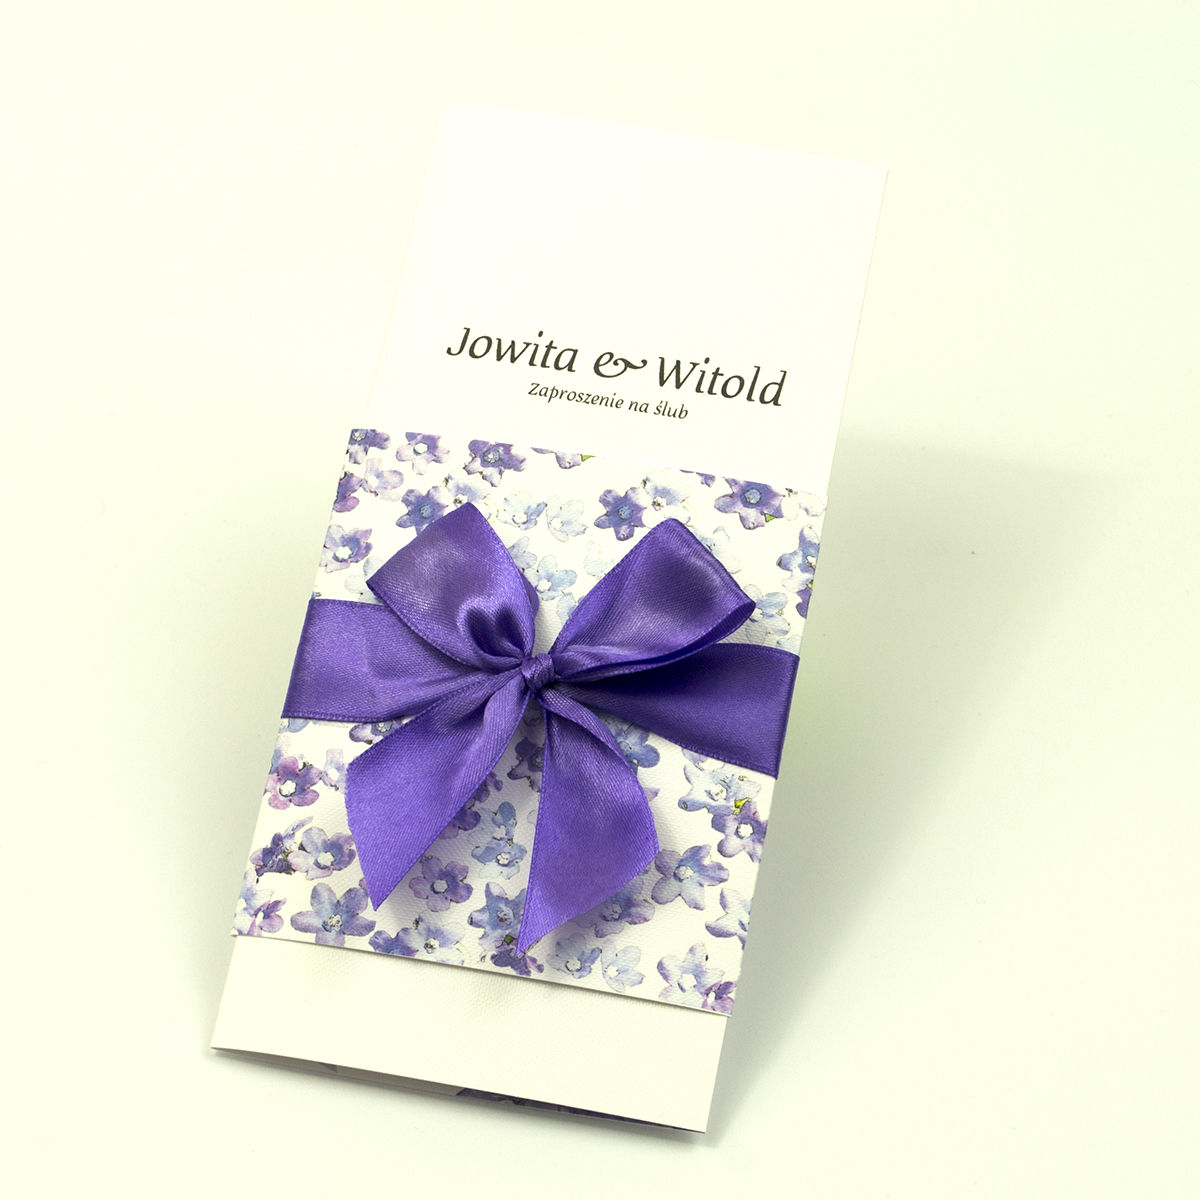 Niebanalne kwiatowe zaproszenia ślubne. Fioletowe kwiaty polne, ciemnofioletowa wstążka i wnętrze wkładane w okładkę. ZAP-90-17